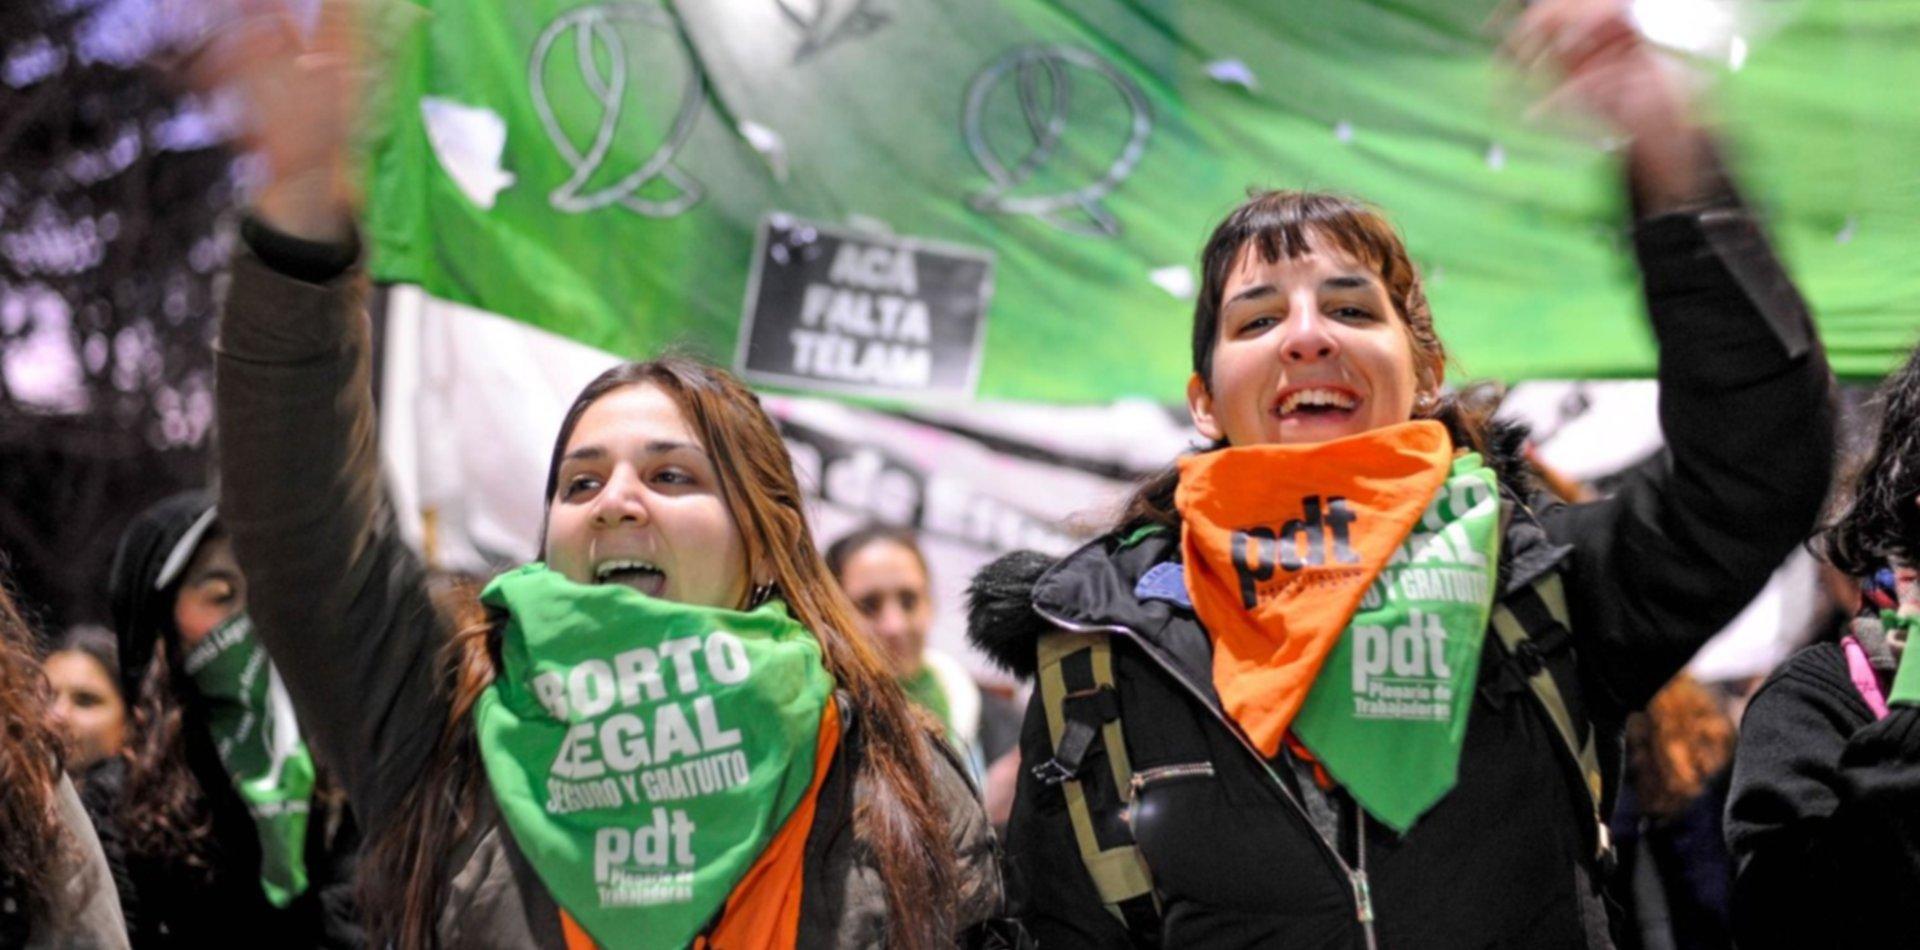 """Así fue el ataque """"provida"""" a una chica con un pañuelo verde en pleno centro de La Plata"""